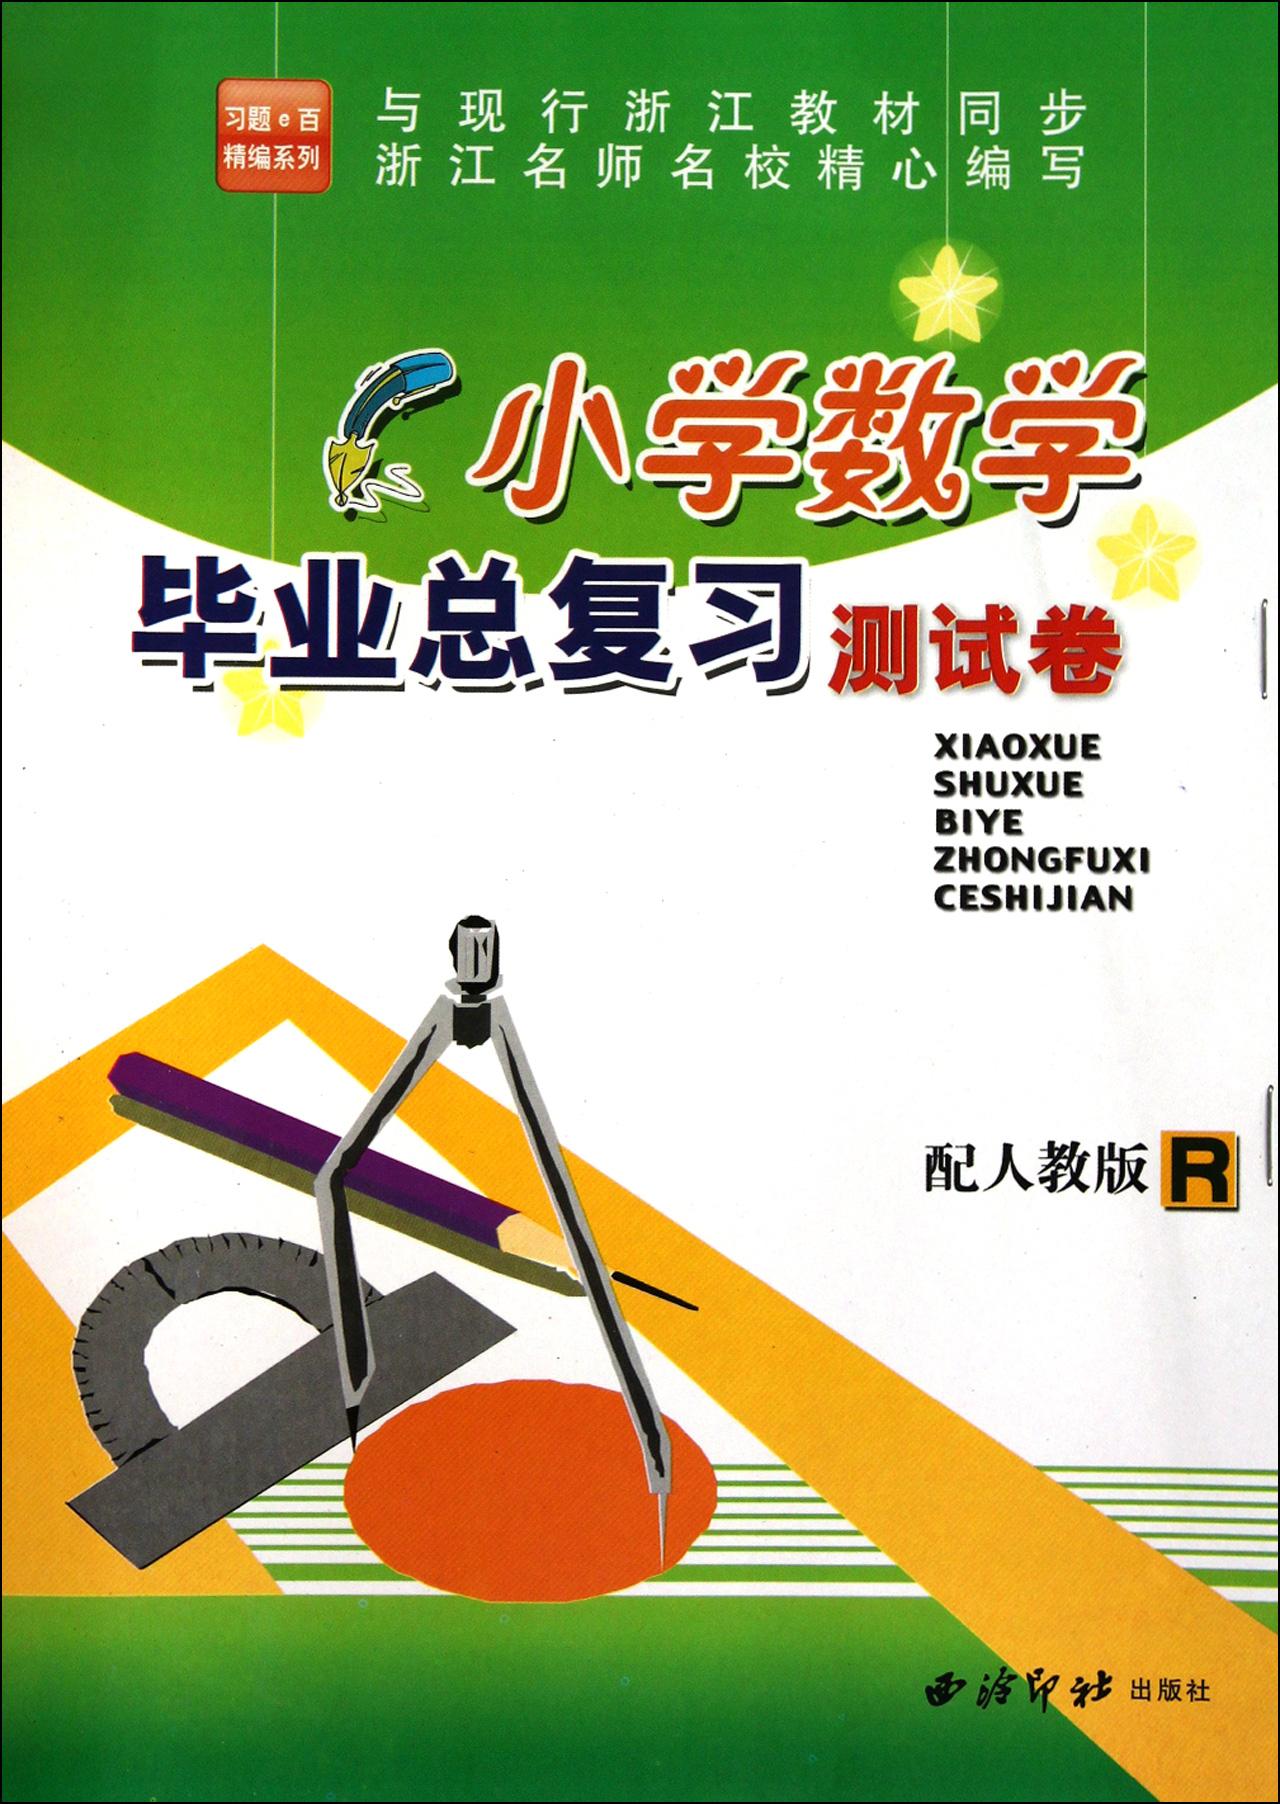 华育才学校举行小学数学教学设计专题教研